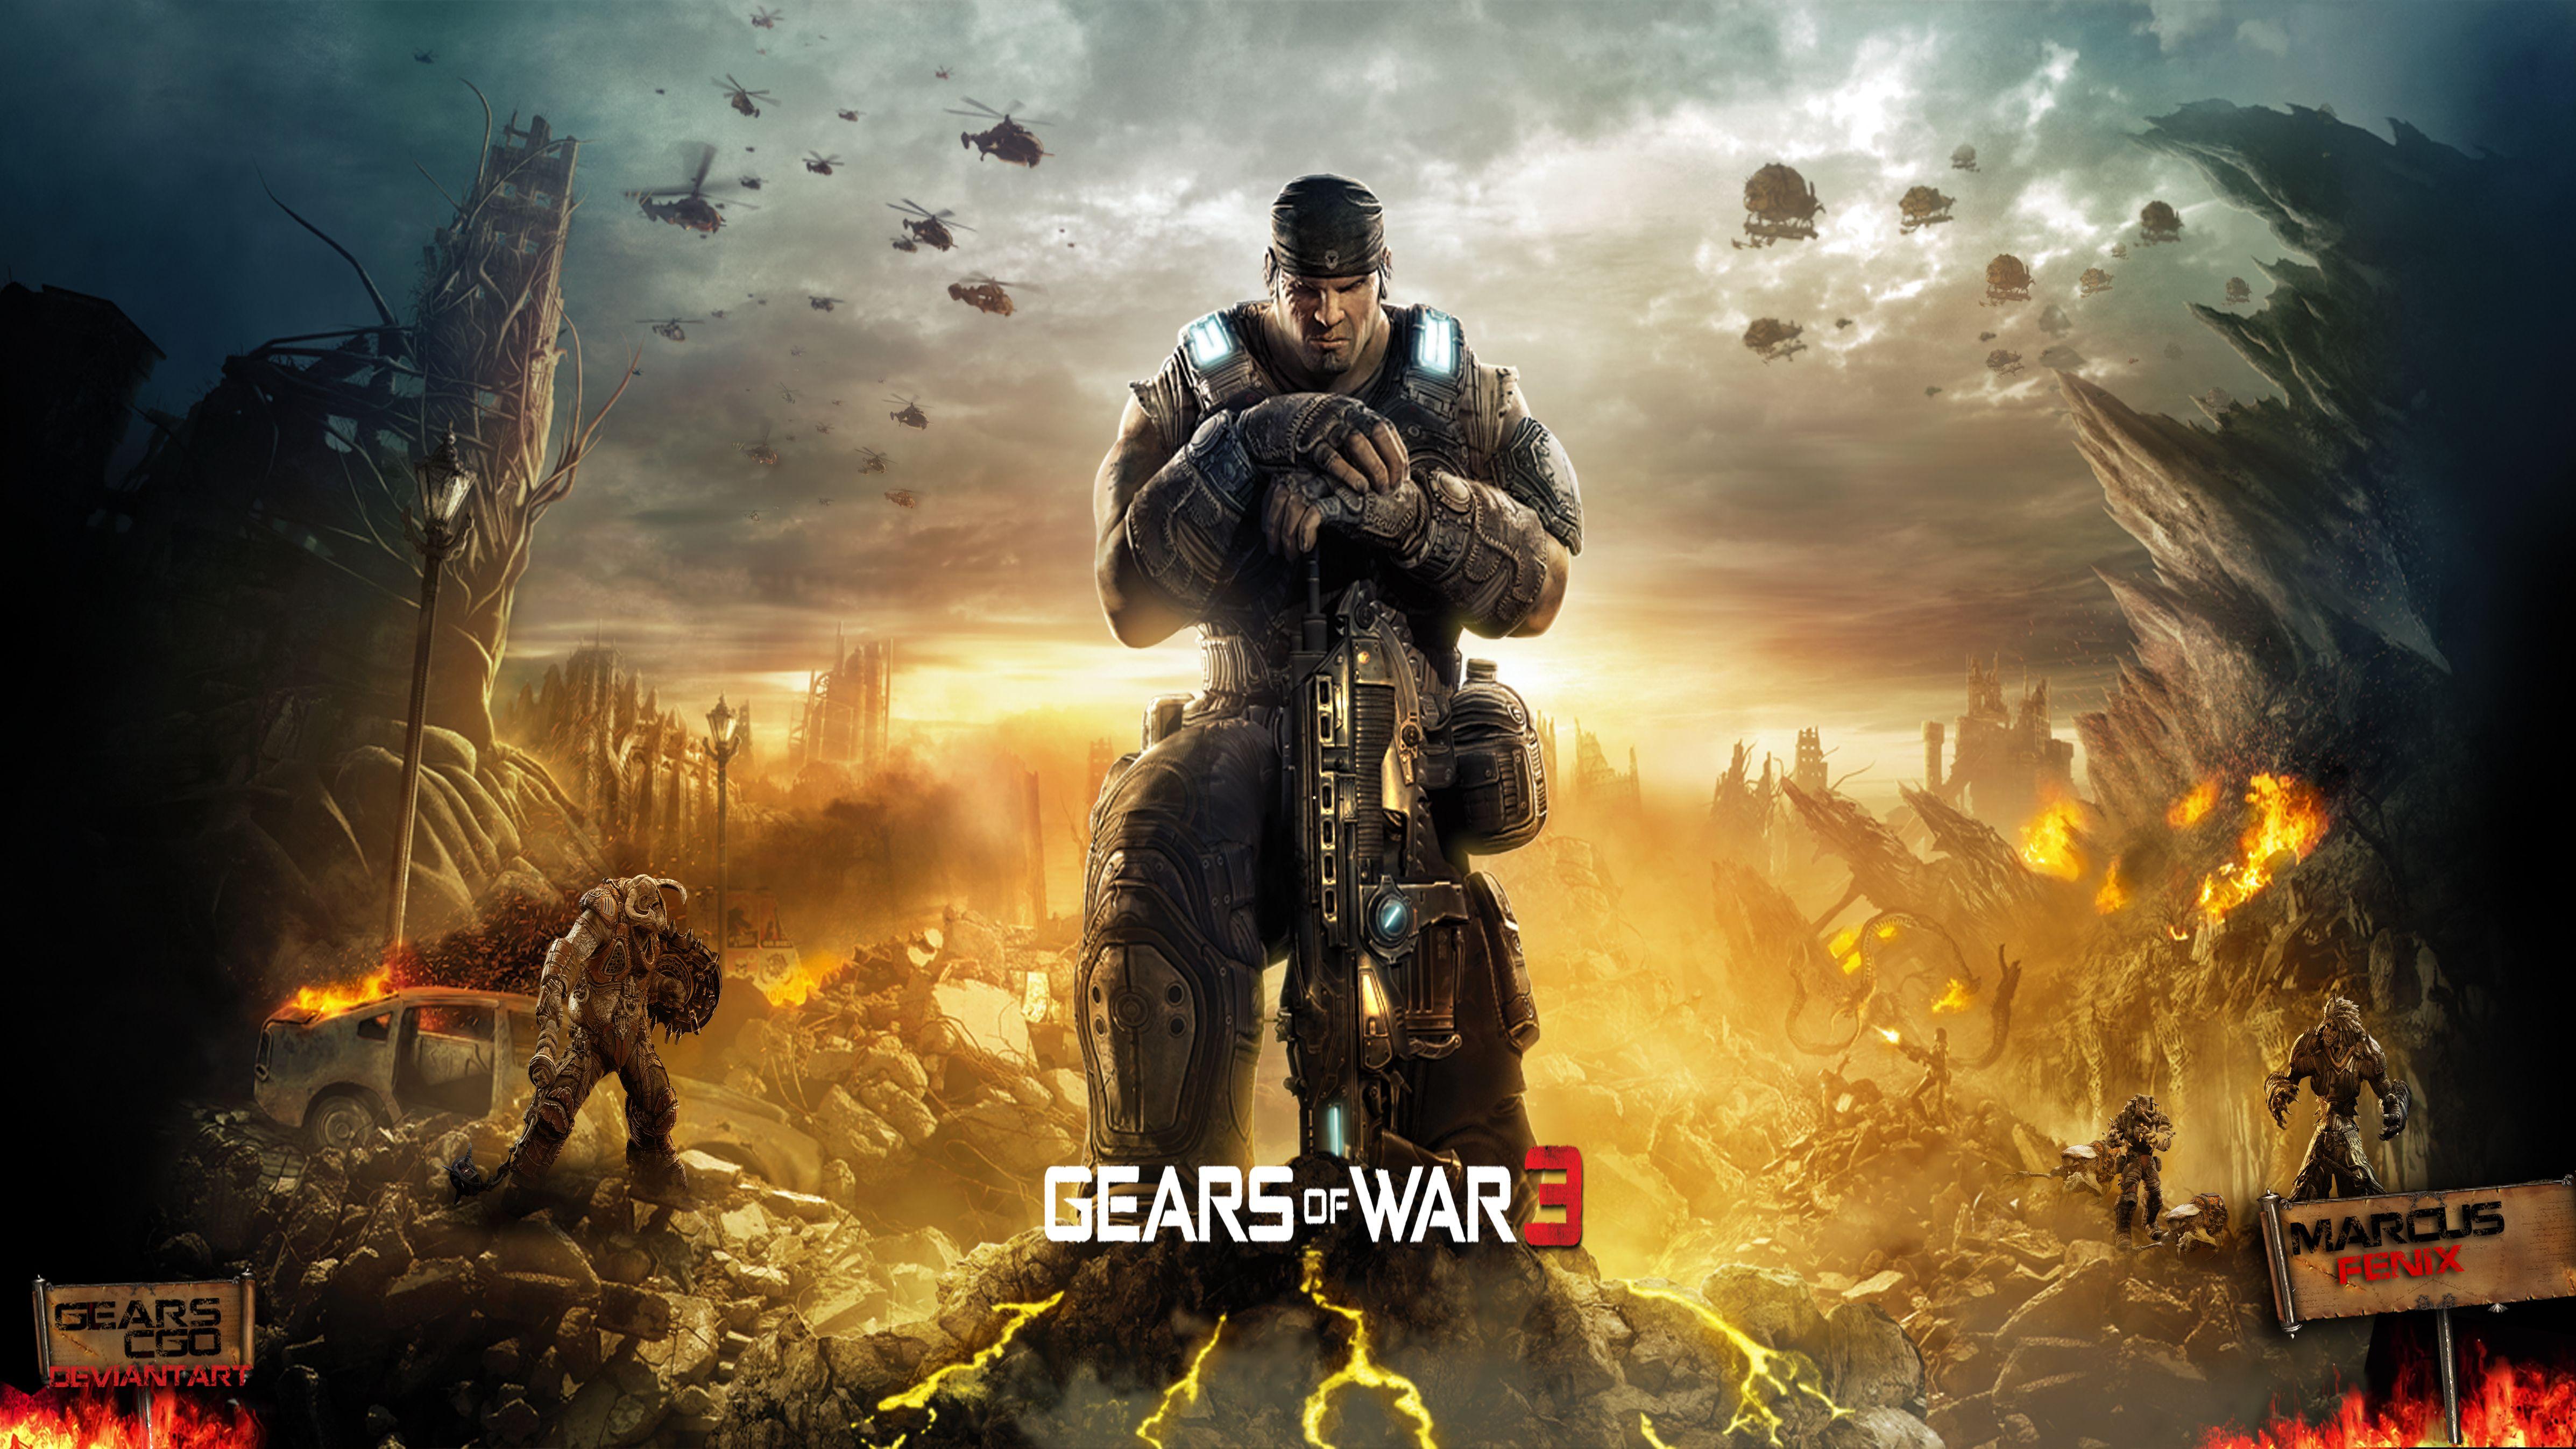 Gears Of War 3 Wallpaper By Gearscgo On Deviantart Gears Of War 3 Gears Of War War